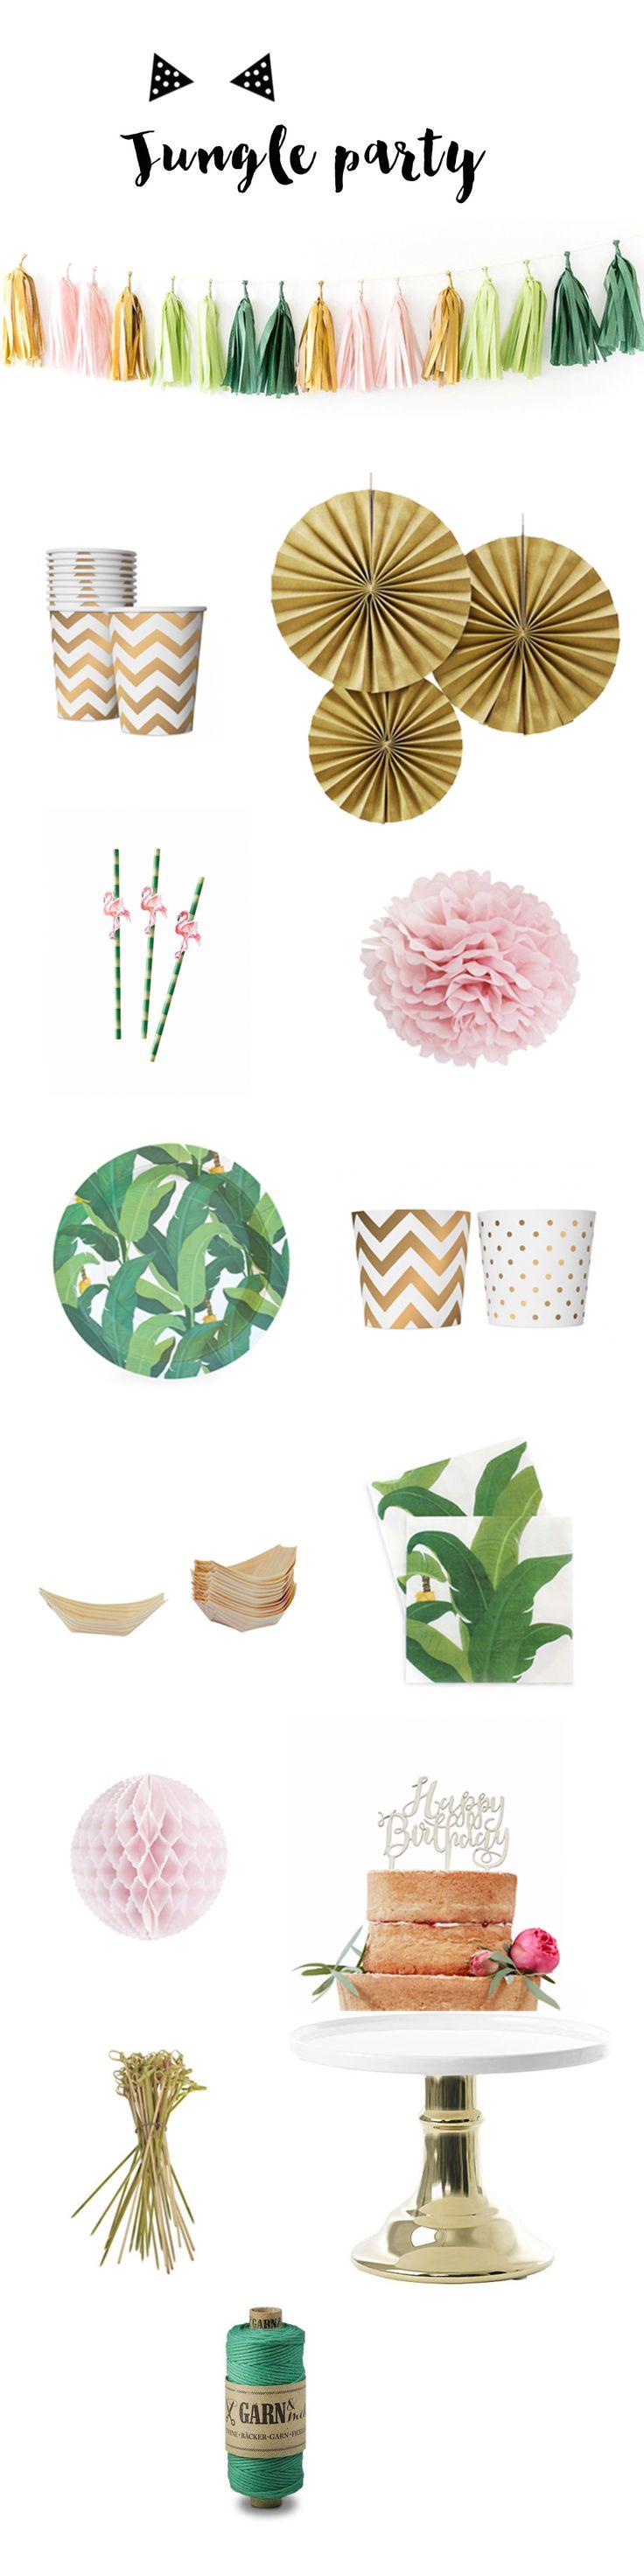 les 25 meilleures id es concernant g teau de jungle sur pinterest safari g teaux d. Black Bedroom Furniture Sets. Home Design Ideas